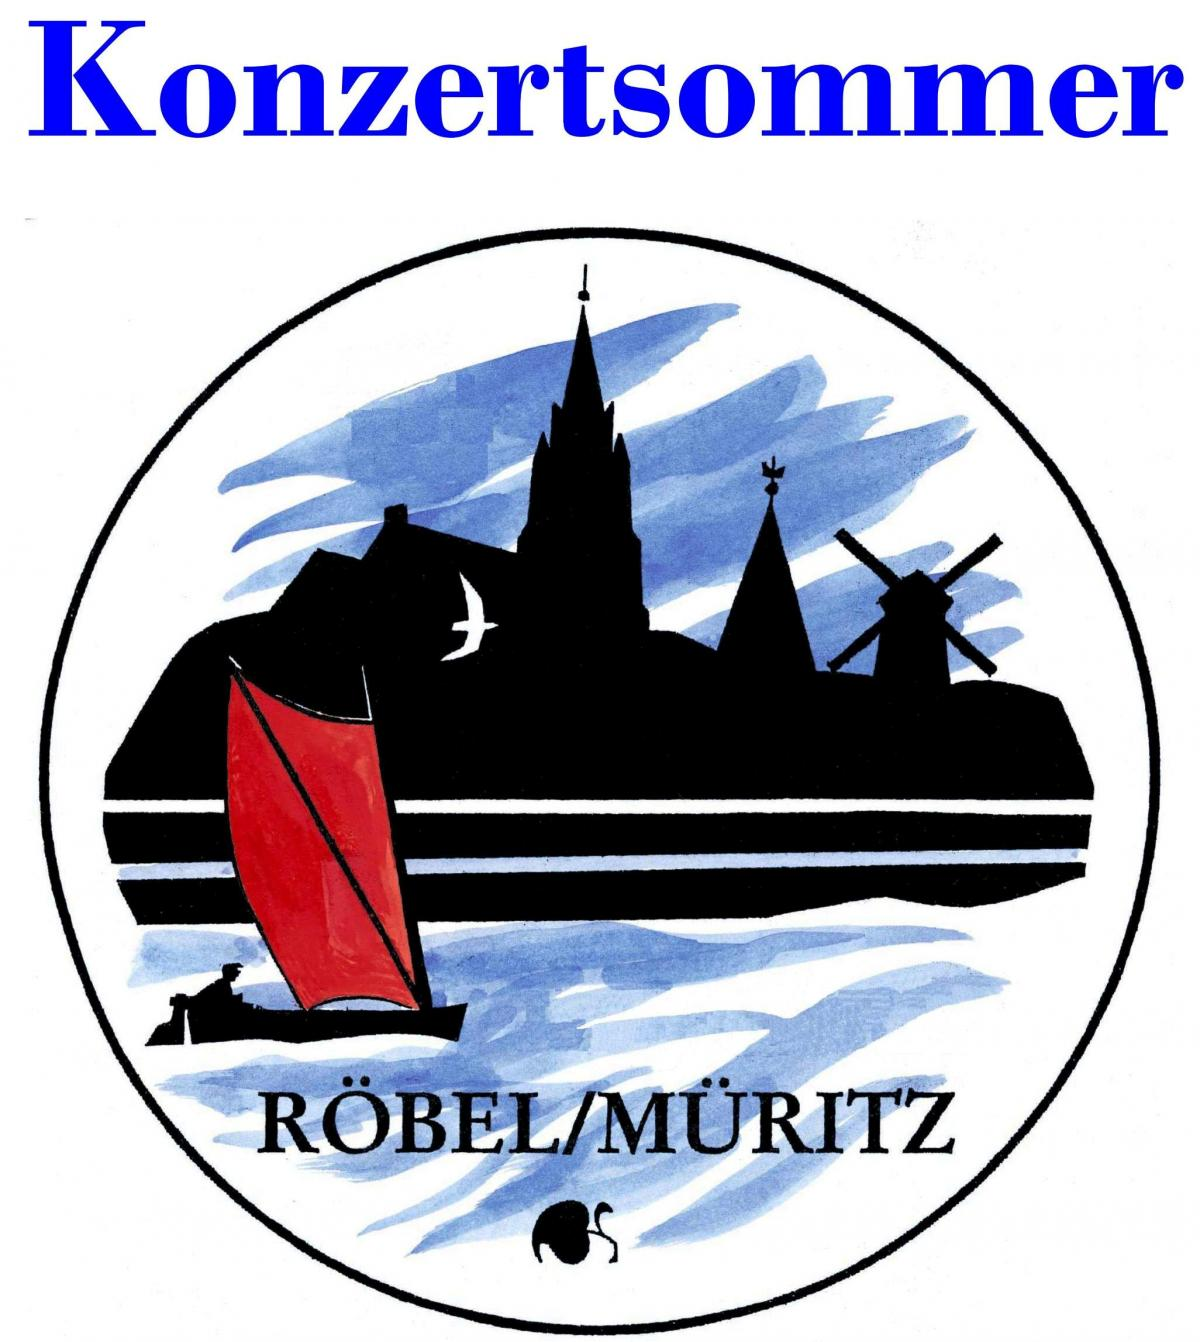 logo-konzertsommer_7